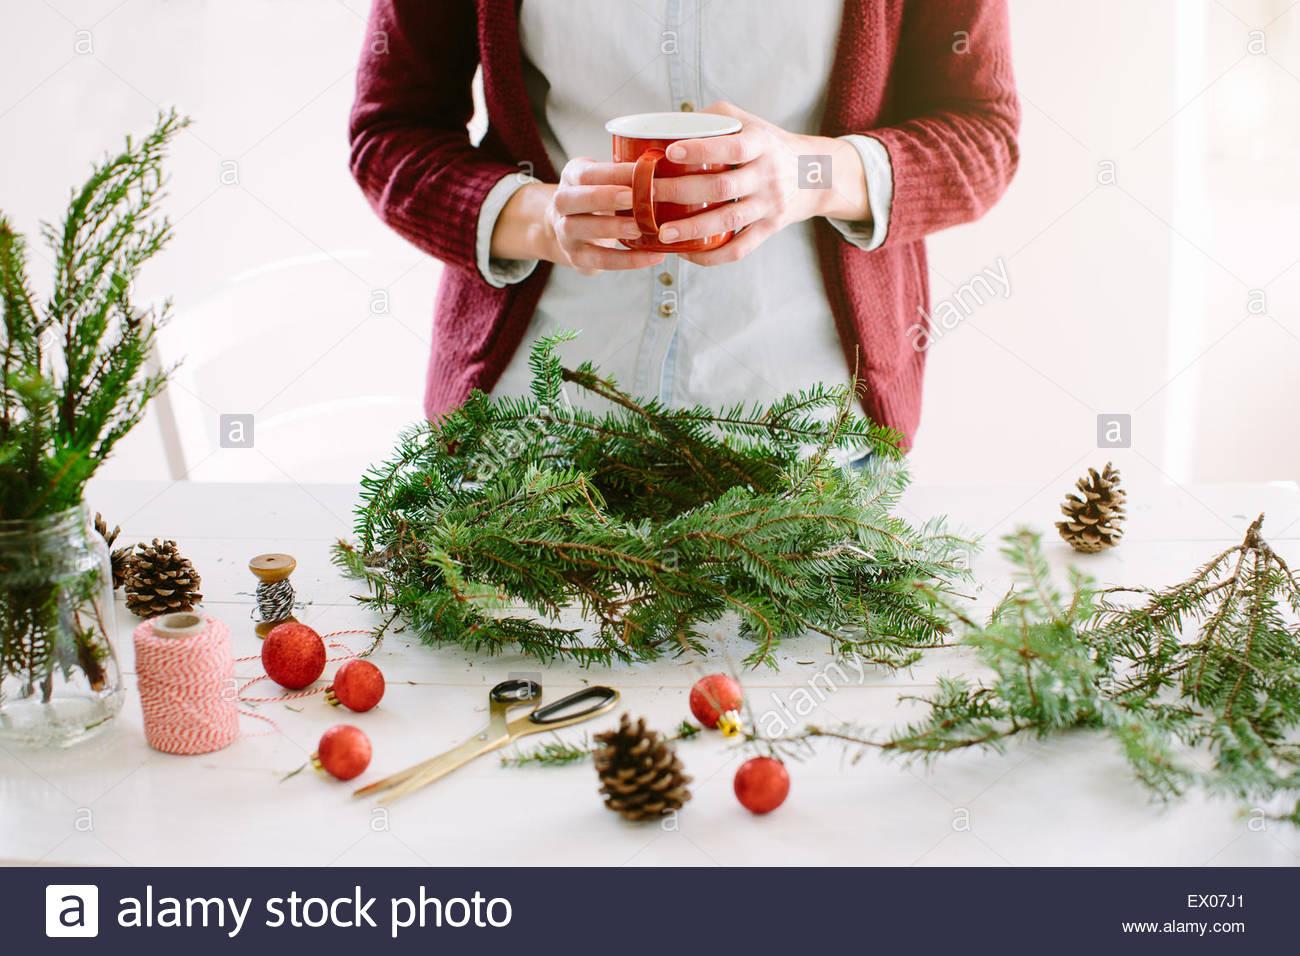 Frau Dekoration Weihnachtskranz Stockbild